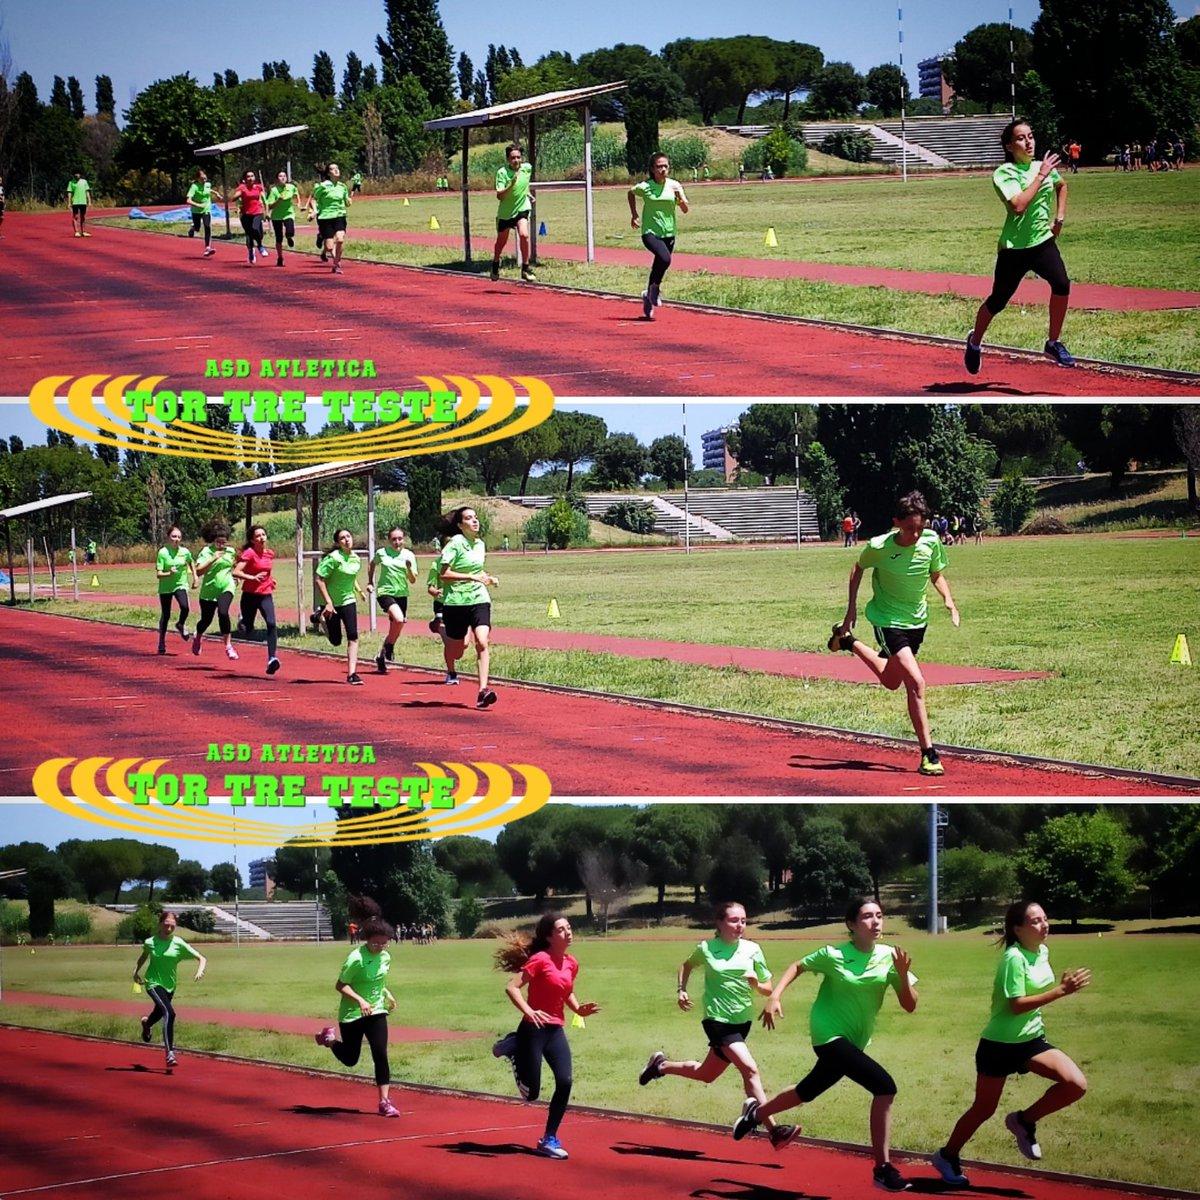 #velocità velocità velocità. Si #lavora sulla velocità con i #ragazzi.  #lazio #roma #fidalroma #fidallazio #impegno #atletica #velocità #atleticatortreteste #verdefluo #fast #run #correre #running #fit #fitness #motivation #tokio2020 #moltocaldo #coraggio #sport #veryfast https://t.co/EmPTXsuELU